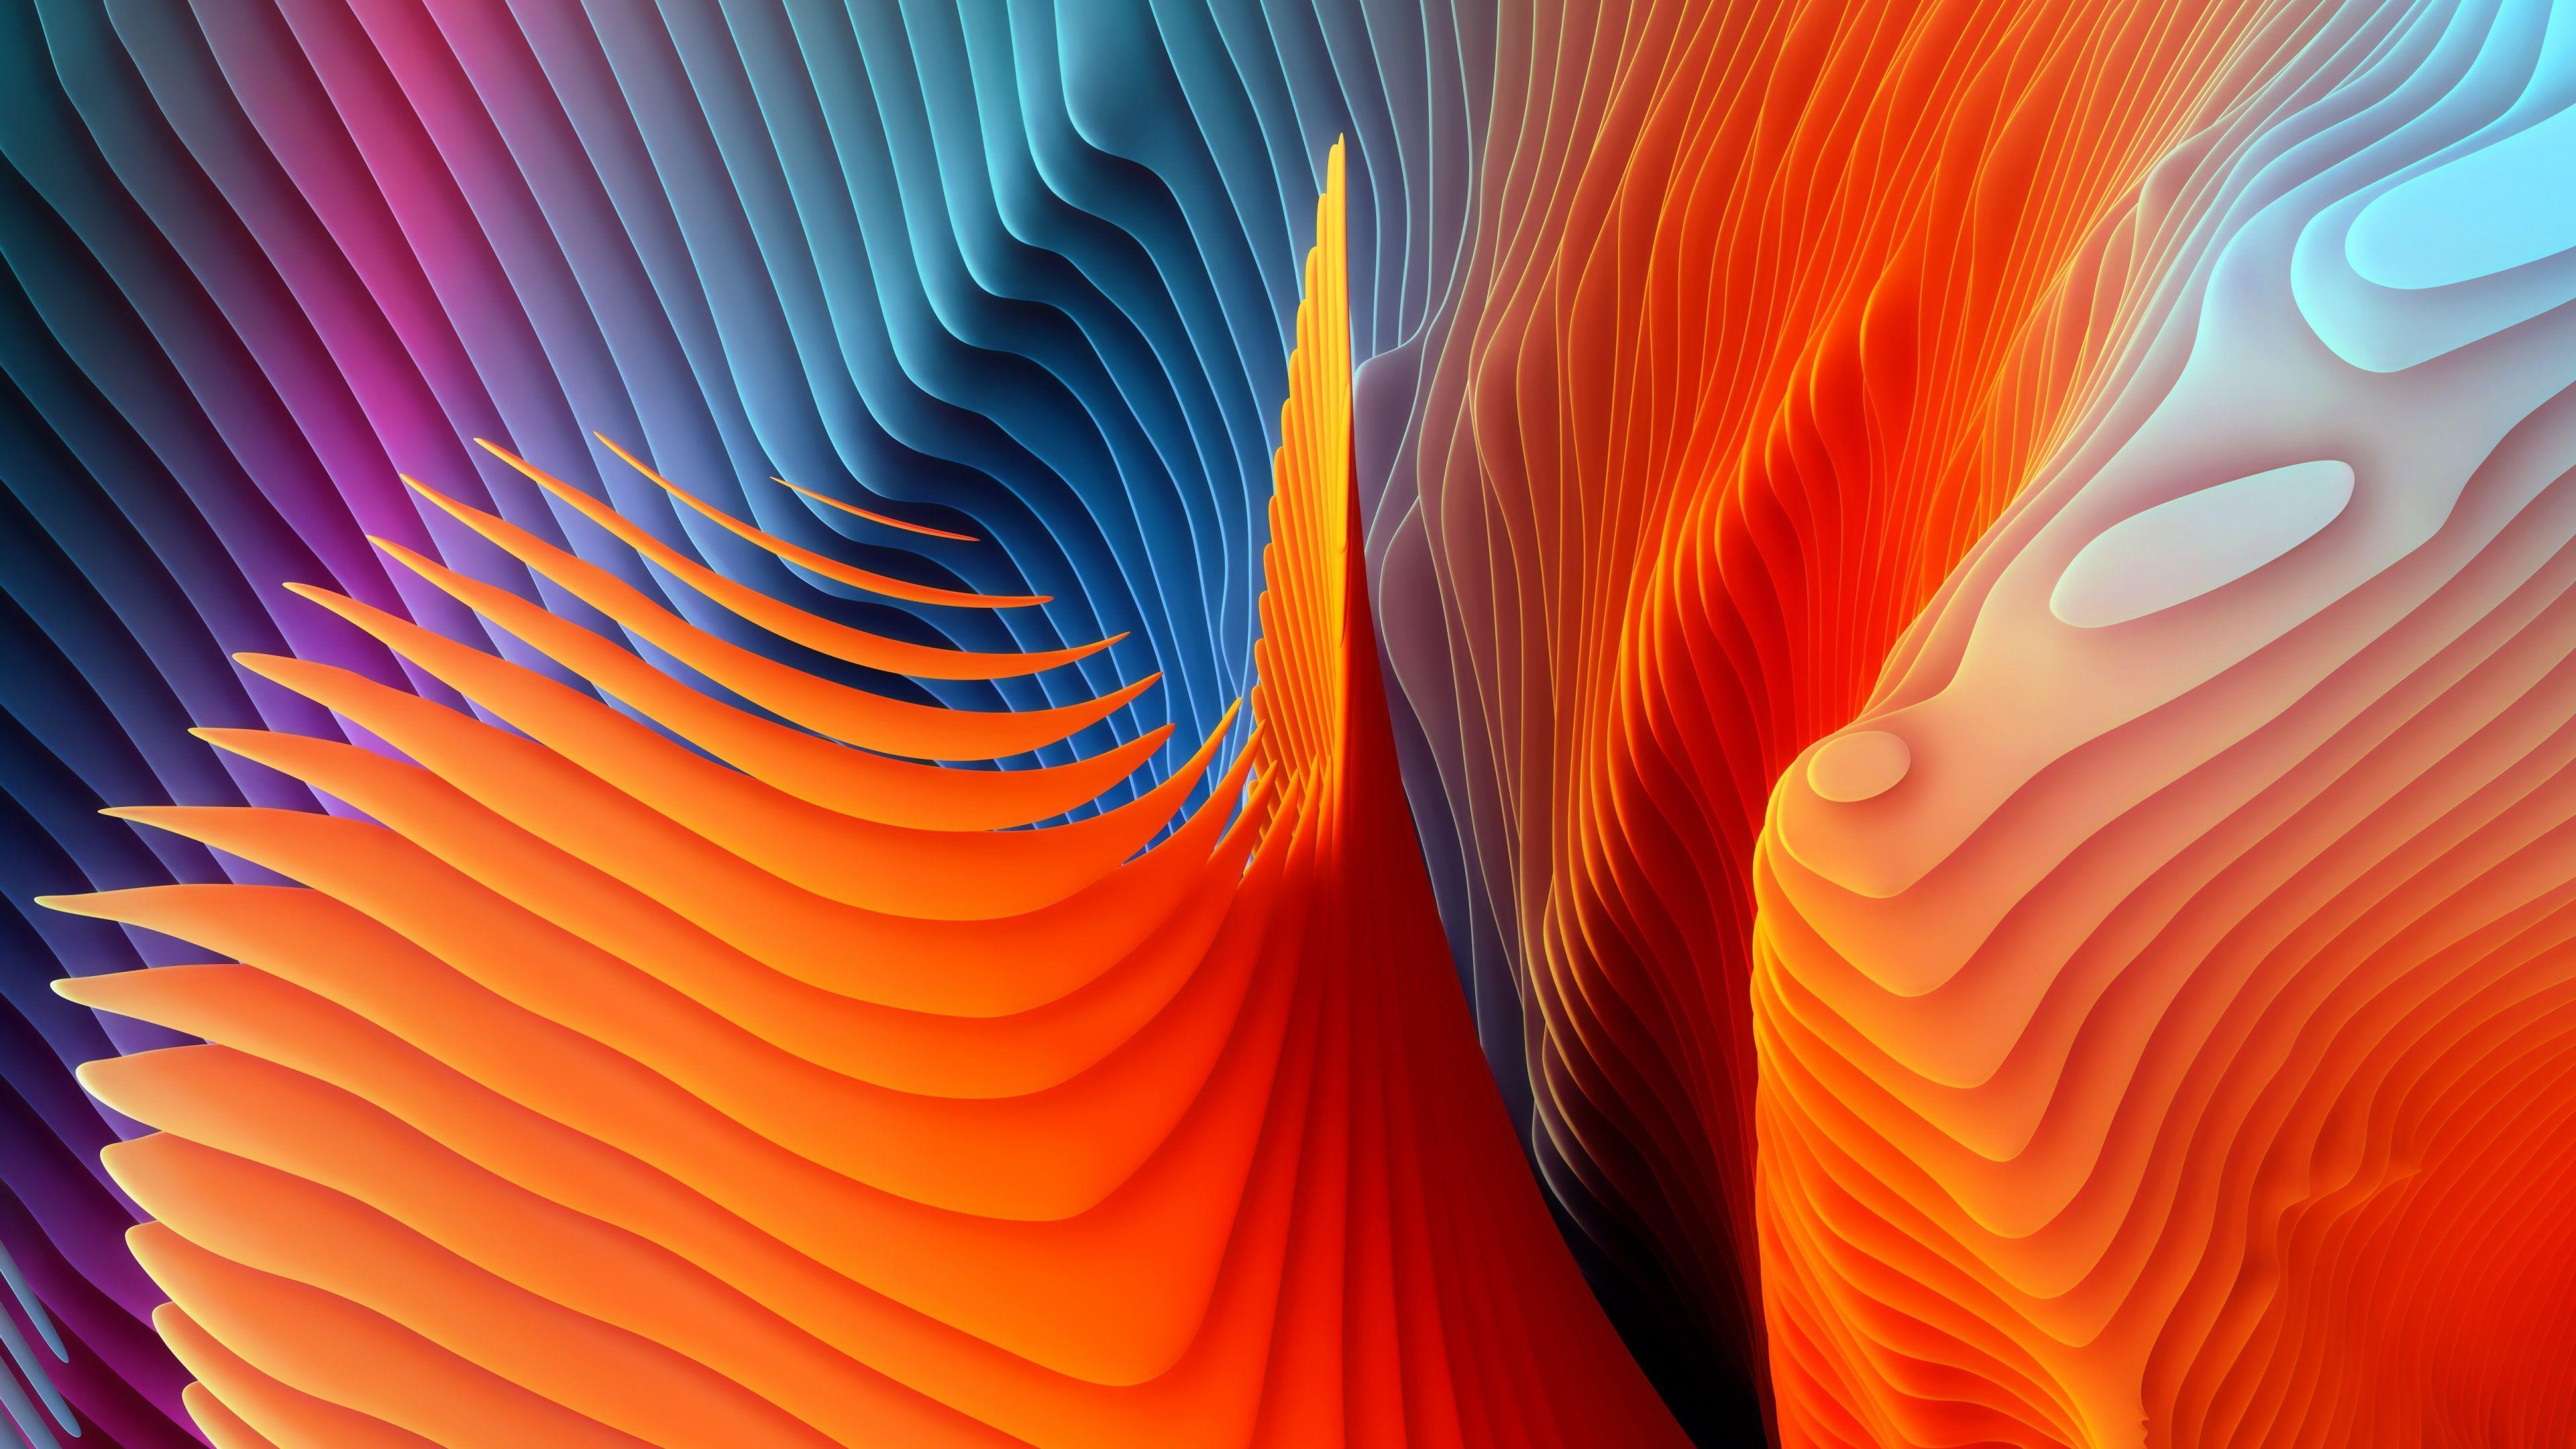 Macbook Pro 4k Wallpapers Top Free Macbook Pro 4k Backgrounds Wallpaperaccess